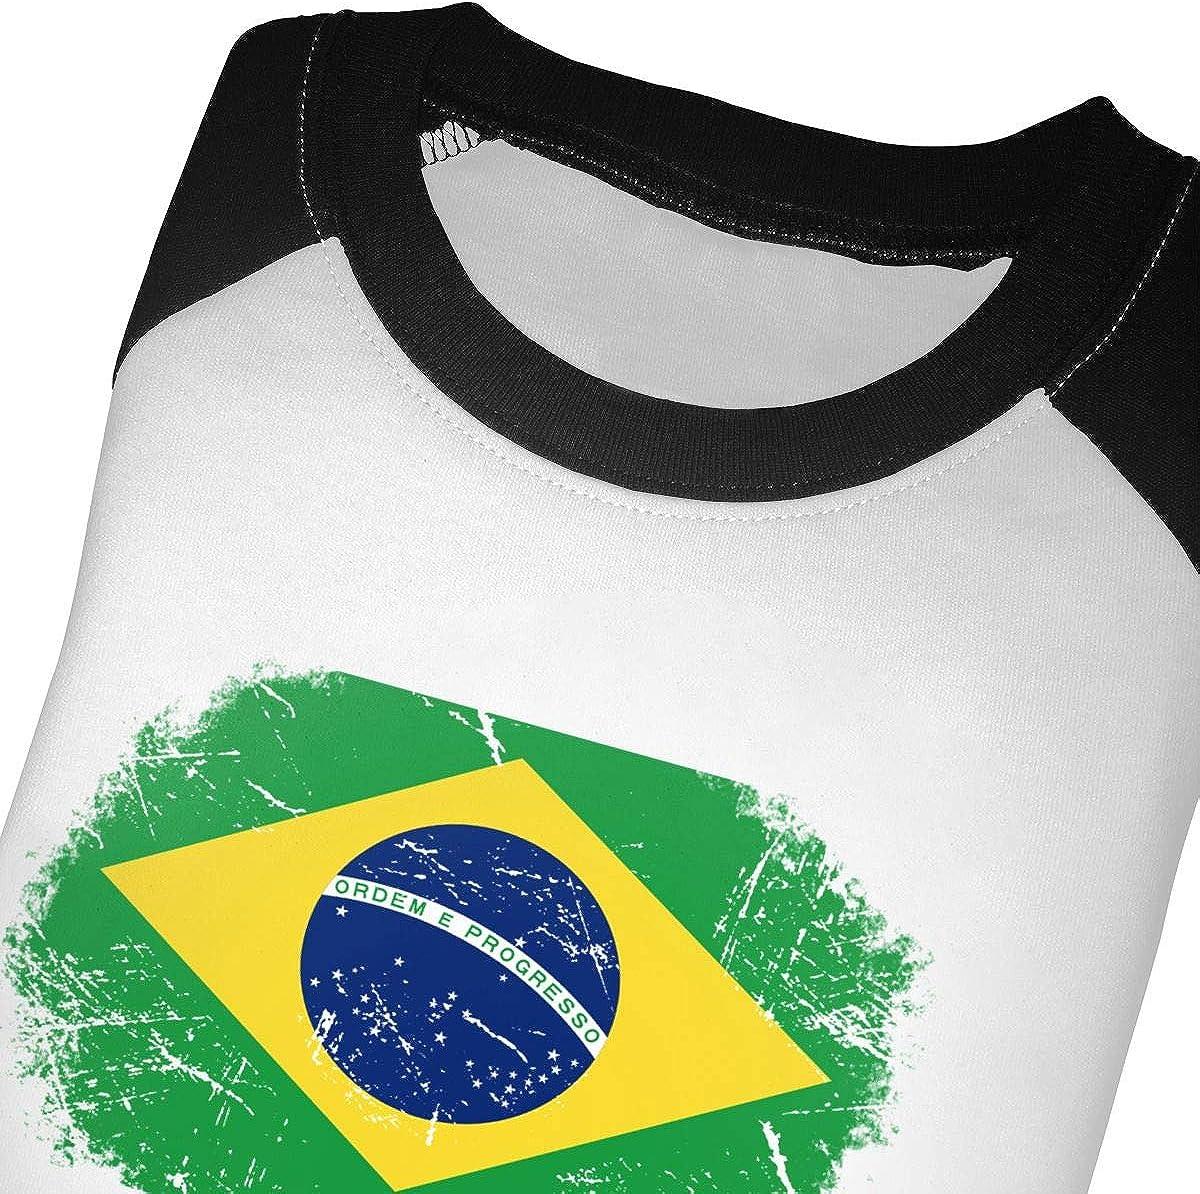 QPKMRTZTX0 Boys Girls Kids /& Toddler Brazilian Jiu-Jitsu Long Sleeve Tees 100/% Cotton